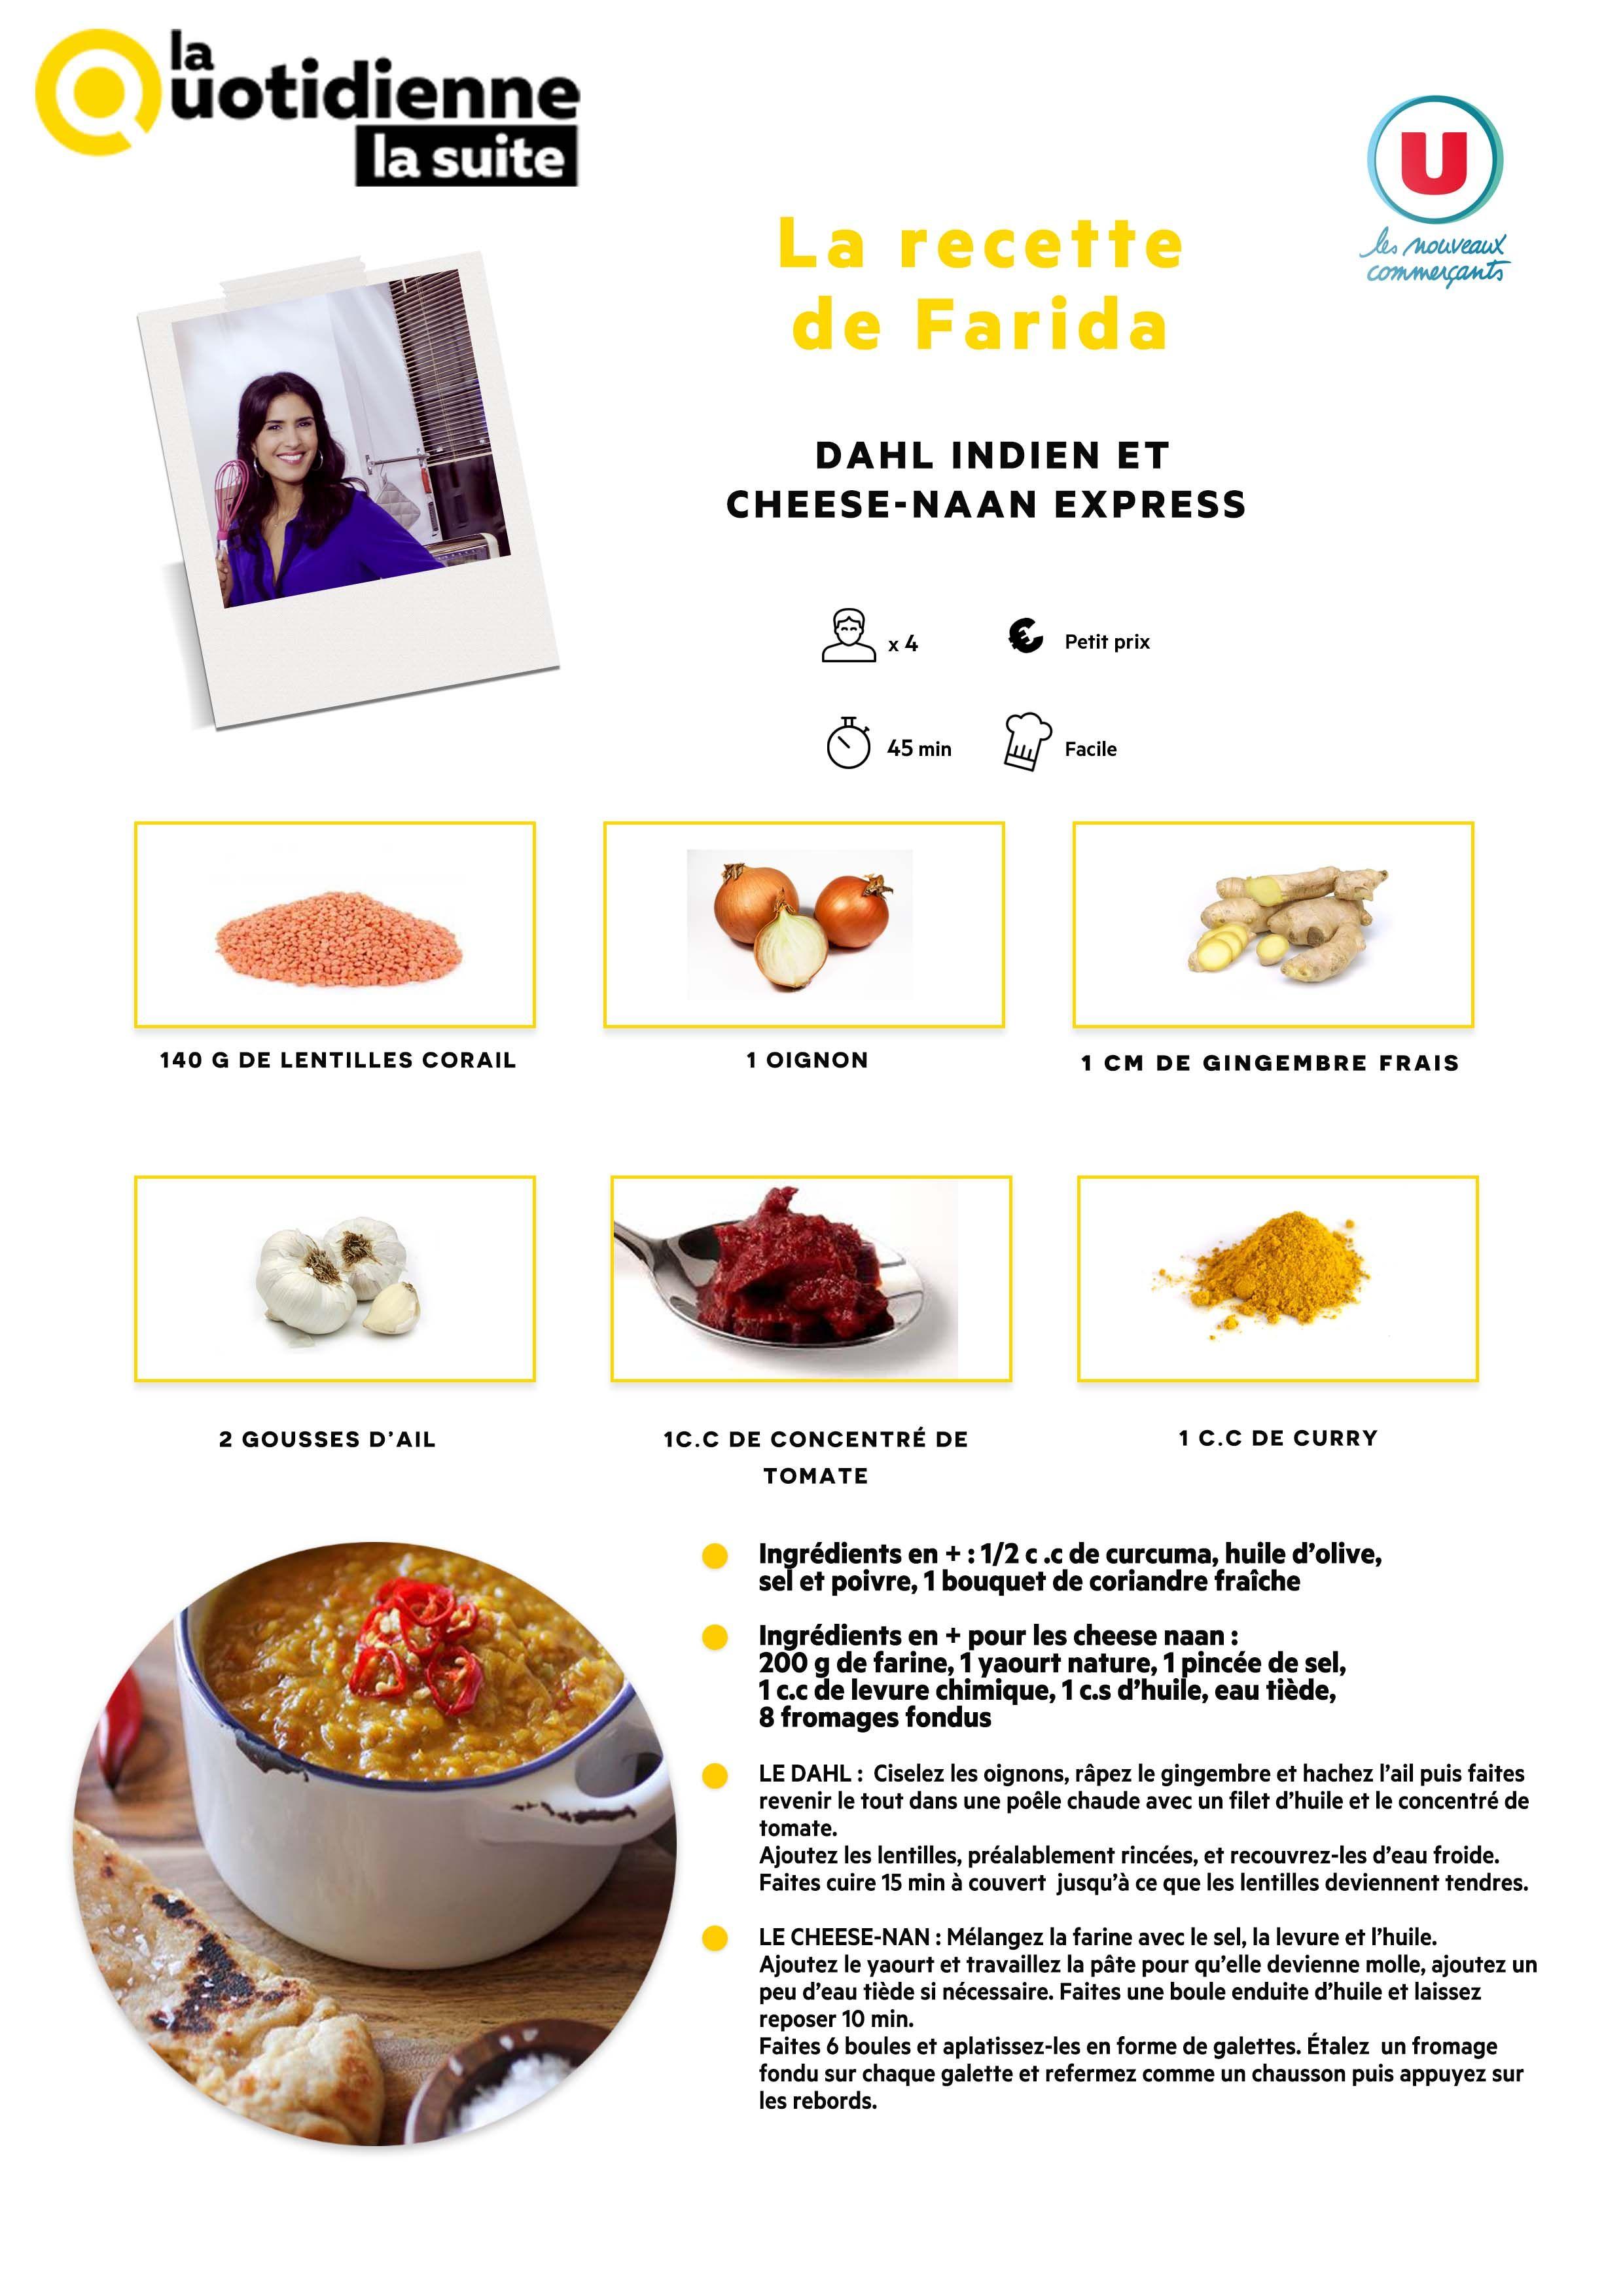 Les recettes la quotidienne la suite france 5 for Cuisine quotidienne